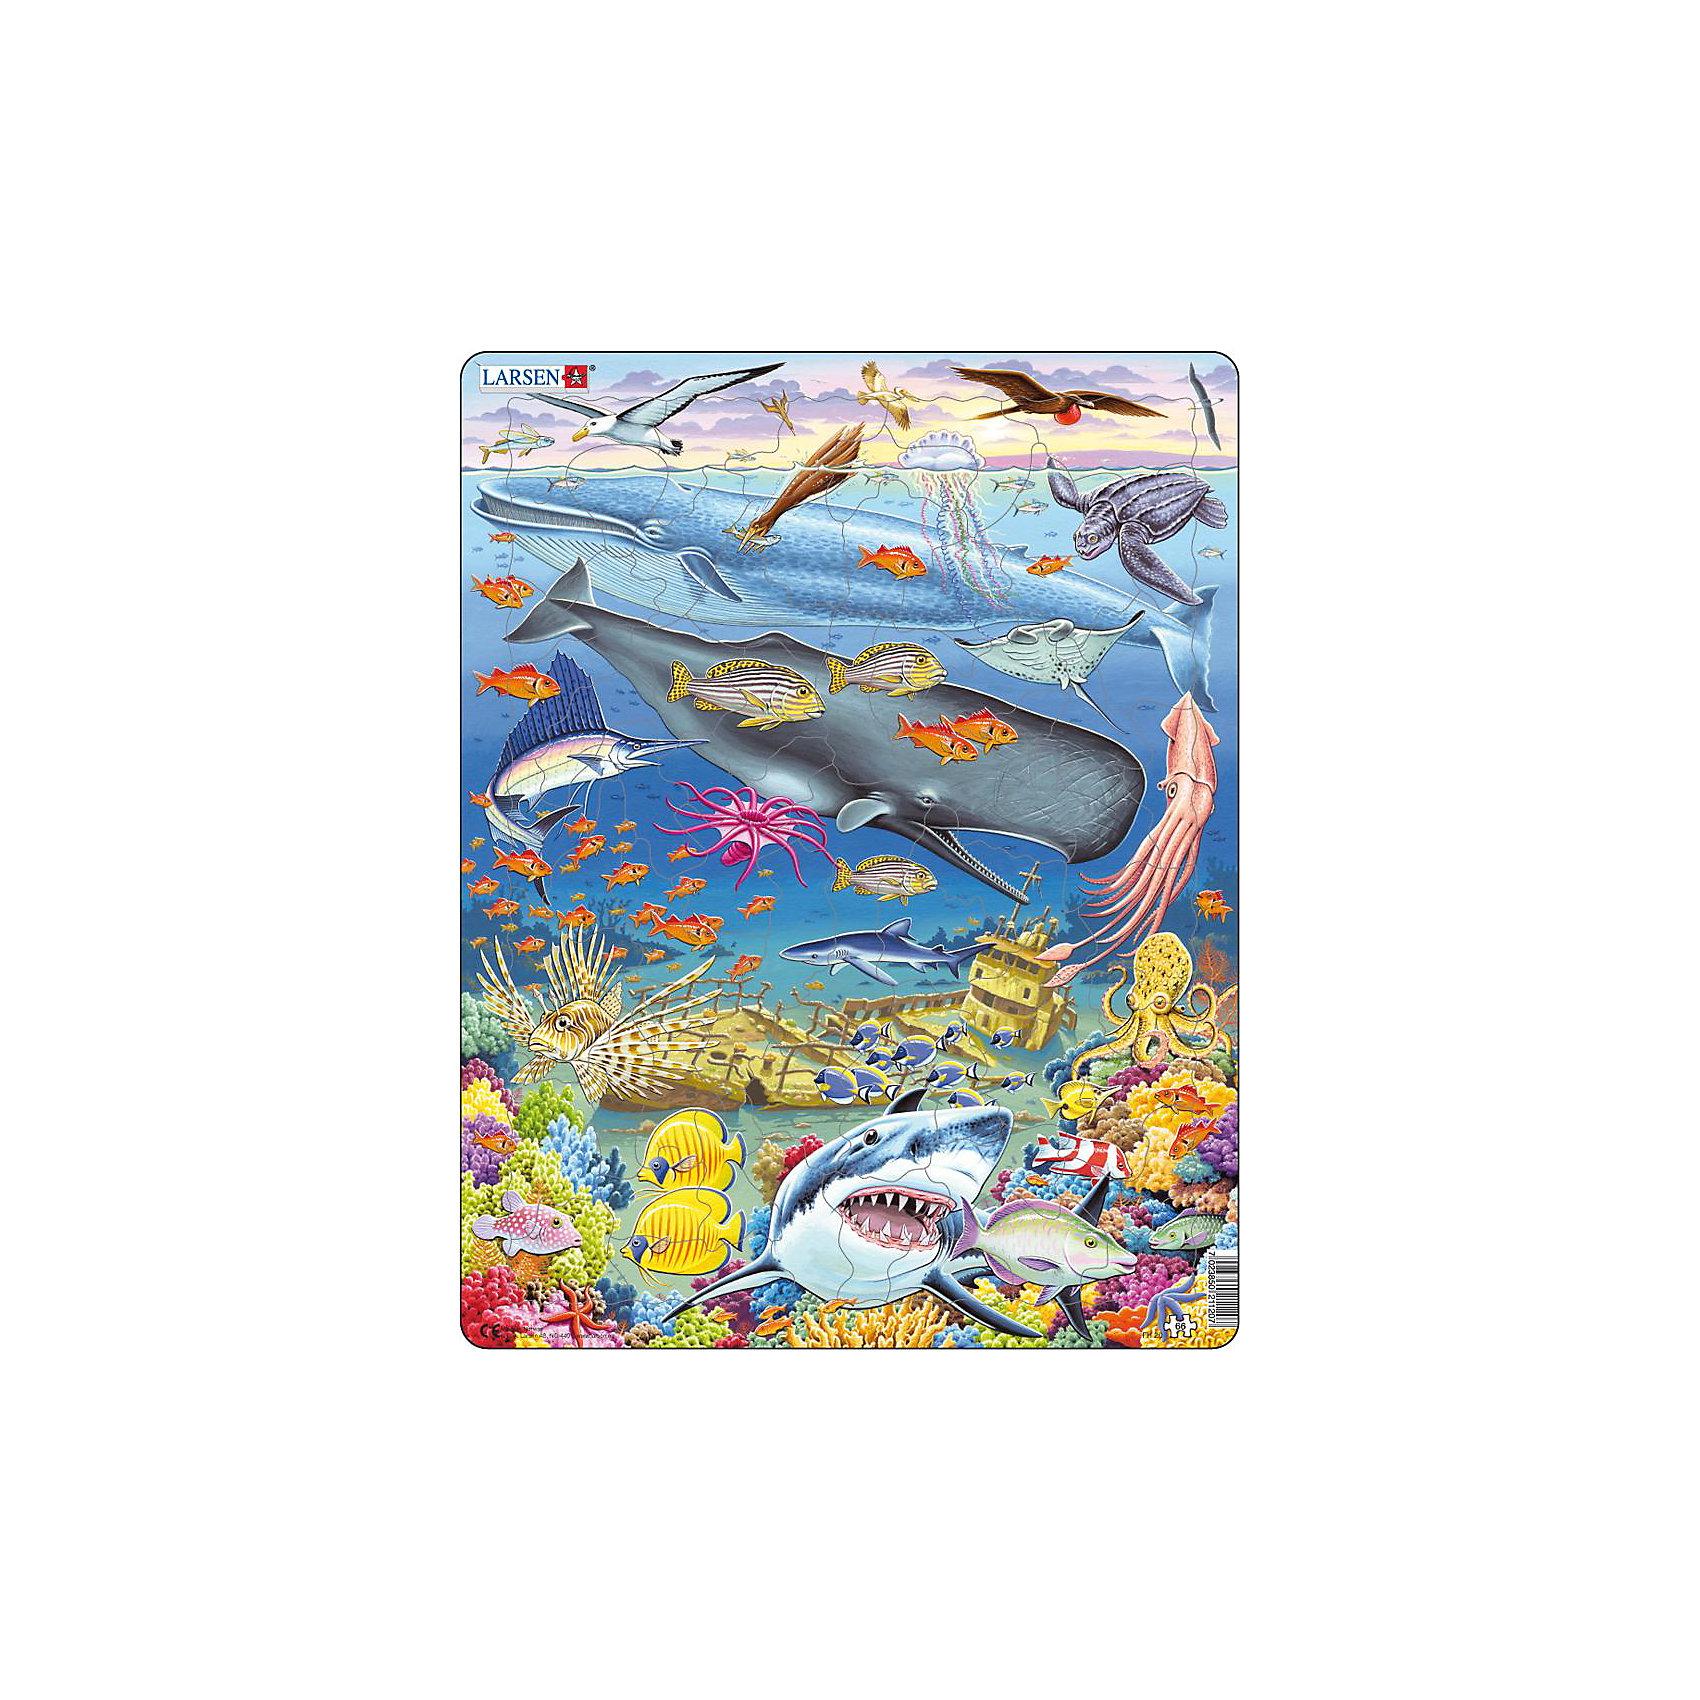 Пазл Киты, 66 деталей, LarsenПазл Киты, 66 деталей, Larsen (Ларсен) – этот обучающий и развивающий пазл, обязательно понравится вашему ребенку.<br>На красочном пазле Киты норвежской фирмы Ларсен представлены морские обитатели. Разнообразные киты, акулы, кальмары, множество ярких рыбок и кораллы появятся на картинке, когда ваш ребенок сможет собрать все детали вместе. Изготовлен пазл из плотного трехслойного картона, имеет специальную подложку и рамку, которые облегчают процесс сборки. Принцип сборки пазла заключается в использовании принципа совместимости изображений и контуров пазла. Если малыш не сможет совместить детали пазла по рисунку, он сделает это по контуру пазла, вставив его в подложку как вкладыш. Высокое качество материала и печати не допускают износа, расслаивания, деформации деталей и стирания рисунка. Многообразие форм и разные размеры деталей пазла развивают мелкую моторику пальцев. Занятия по сборке пазла развивают образное и логическое мышление, пространственное воображение, память, внимание, усидчивость, координацию движений.<br><br>Дополнительная информация:<br><br>- Количество элементов: 66 деталей<br>- Материал: плотный трехслойный картон<br>- Размер пазла: 36,5 x 28,5 см.<br><br>Пазл Киты, 66 деталей, Larsen (Ларсен) можно купить в нашем интернет-магазине.<br><br>Ширина мм: 367<br>Глубина мм: 286<br>Высота мм: 10<br>Вес г: 316<br>Возраст от месяцев: 60<br>Возраст до месяцев: 84<br>Пол: Унисекс<br>Возраст: Детский<br>Количество деталей: 66<br>SKU: 1604372